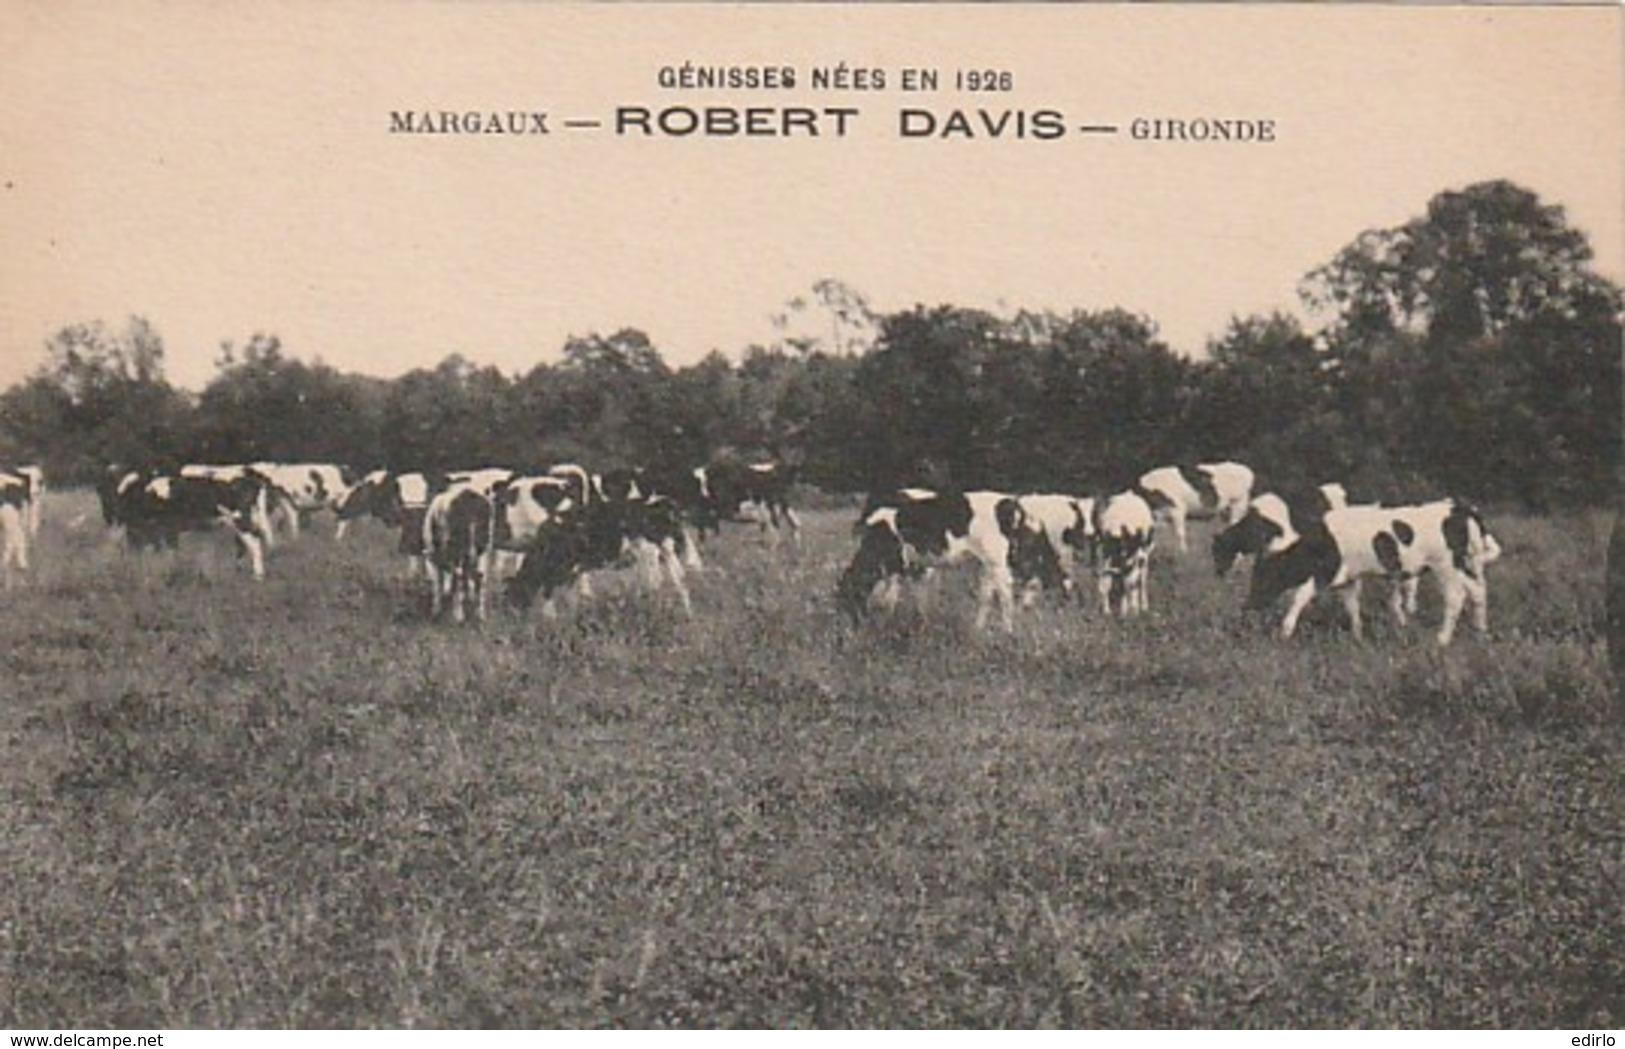 ***  ELEVAGE  ***  Génisses Nées En 1926 -MARGAUX  Robert DAVIS  Gironde *** 33 ***  Neuve/unused Excellent état - France